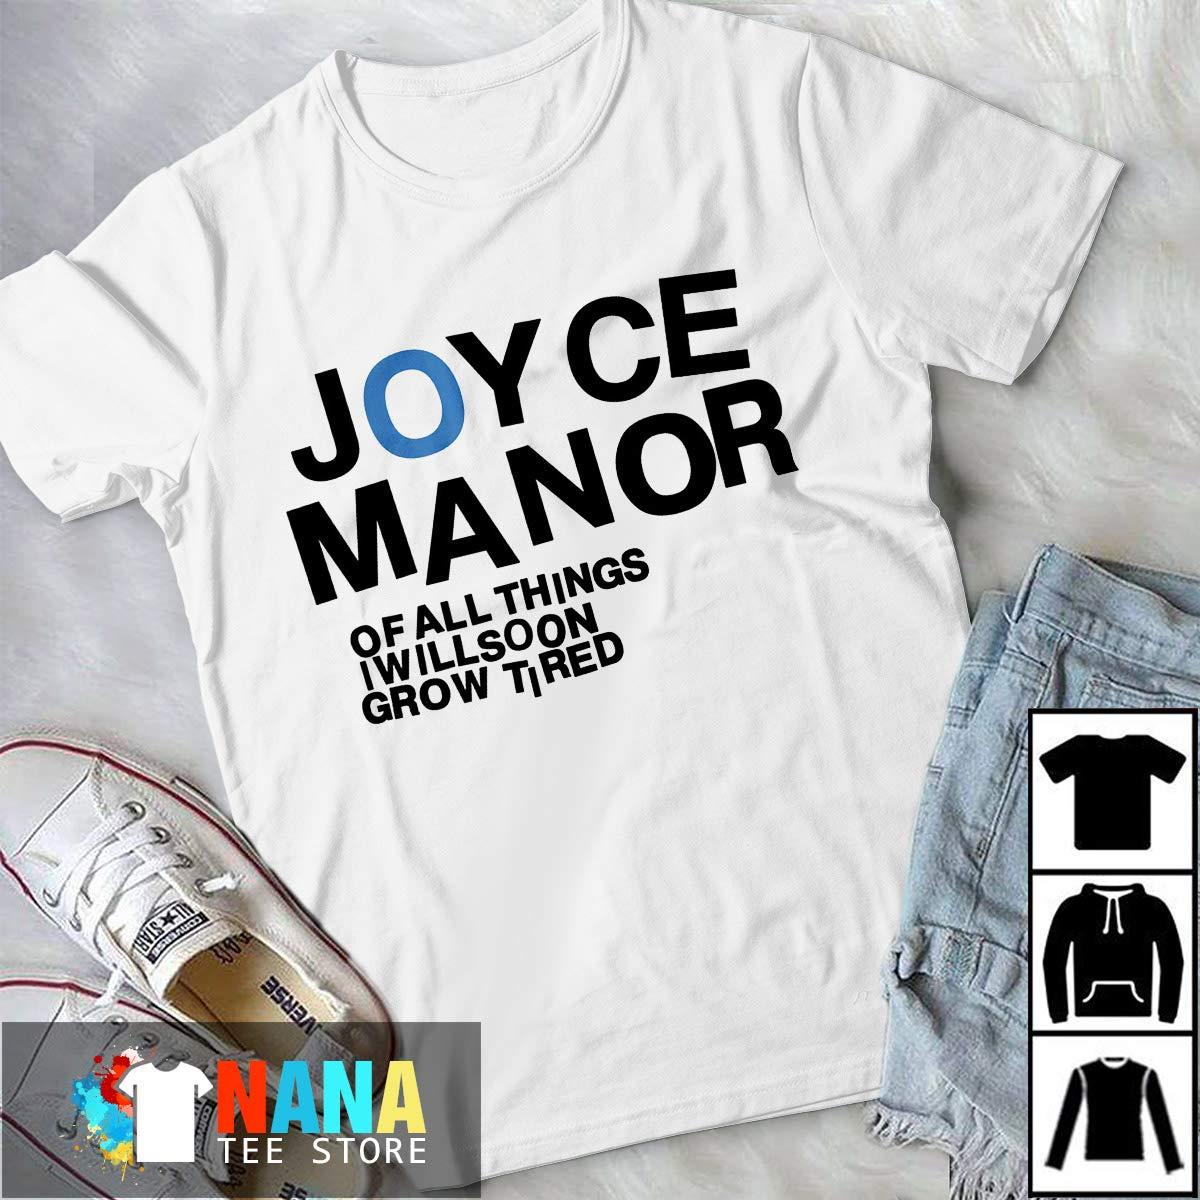 Joyce Manor Of All Things I Will Soon Grow Tired Tshirt Long Tshirt